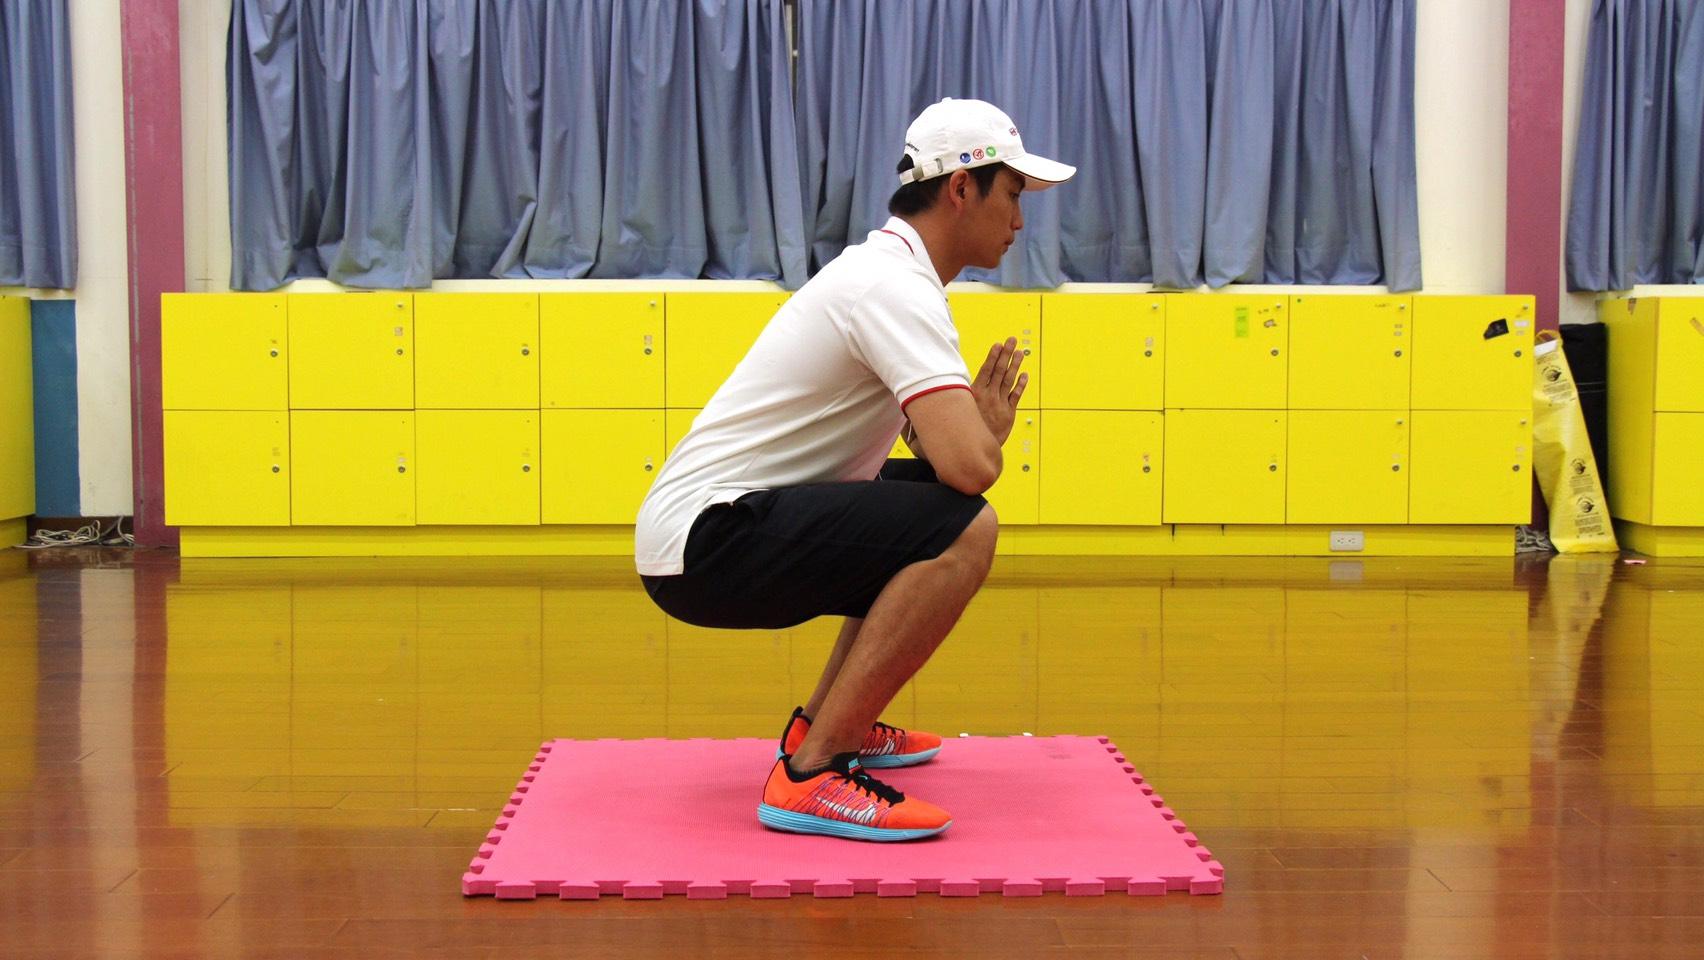 深蹲可訓練大腿肌力,運動時切記避免駝背。